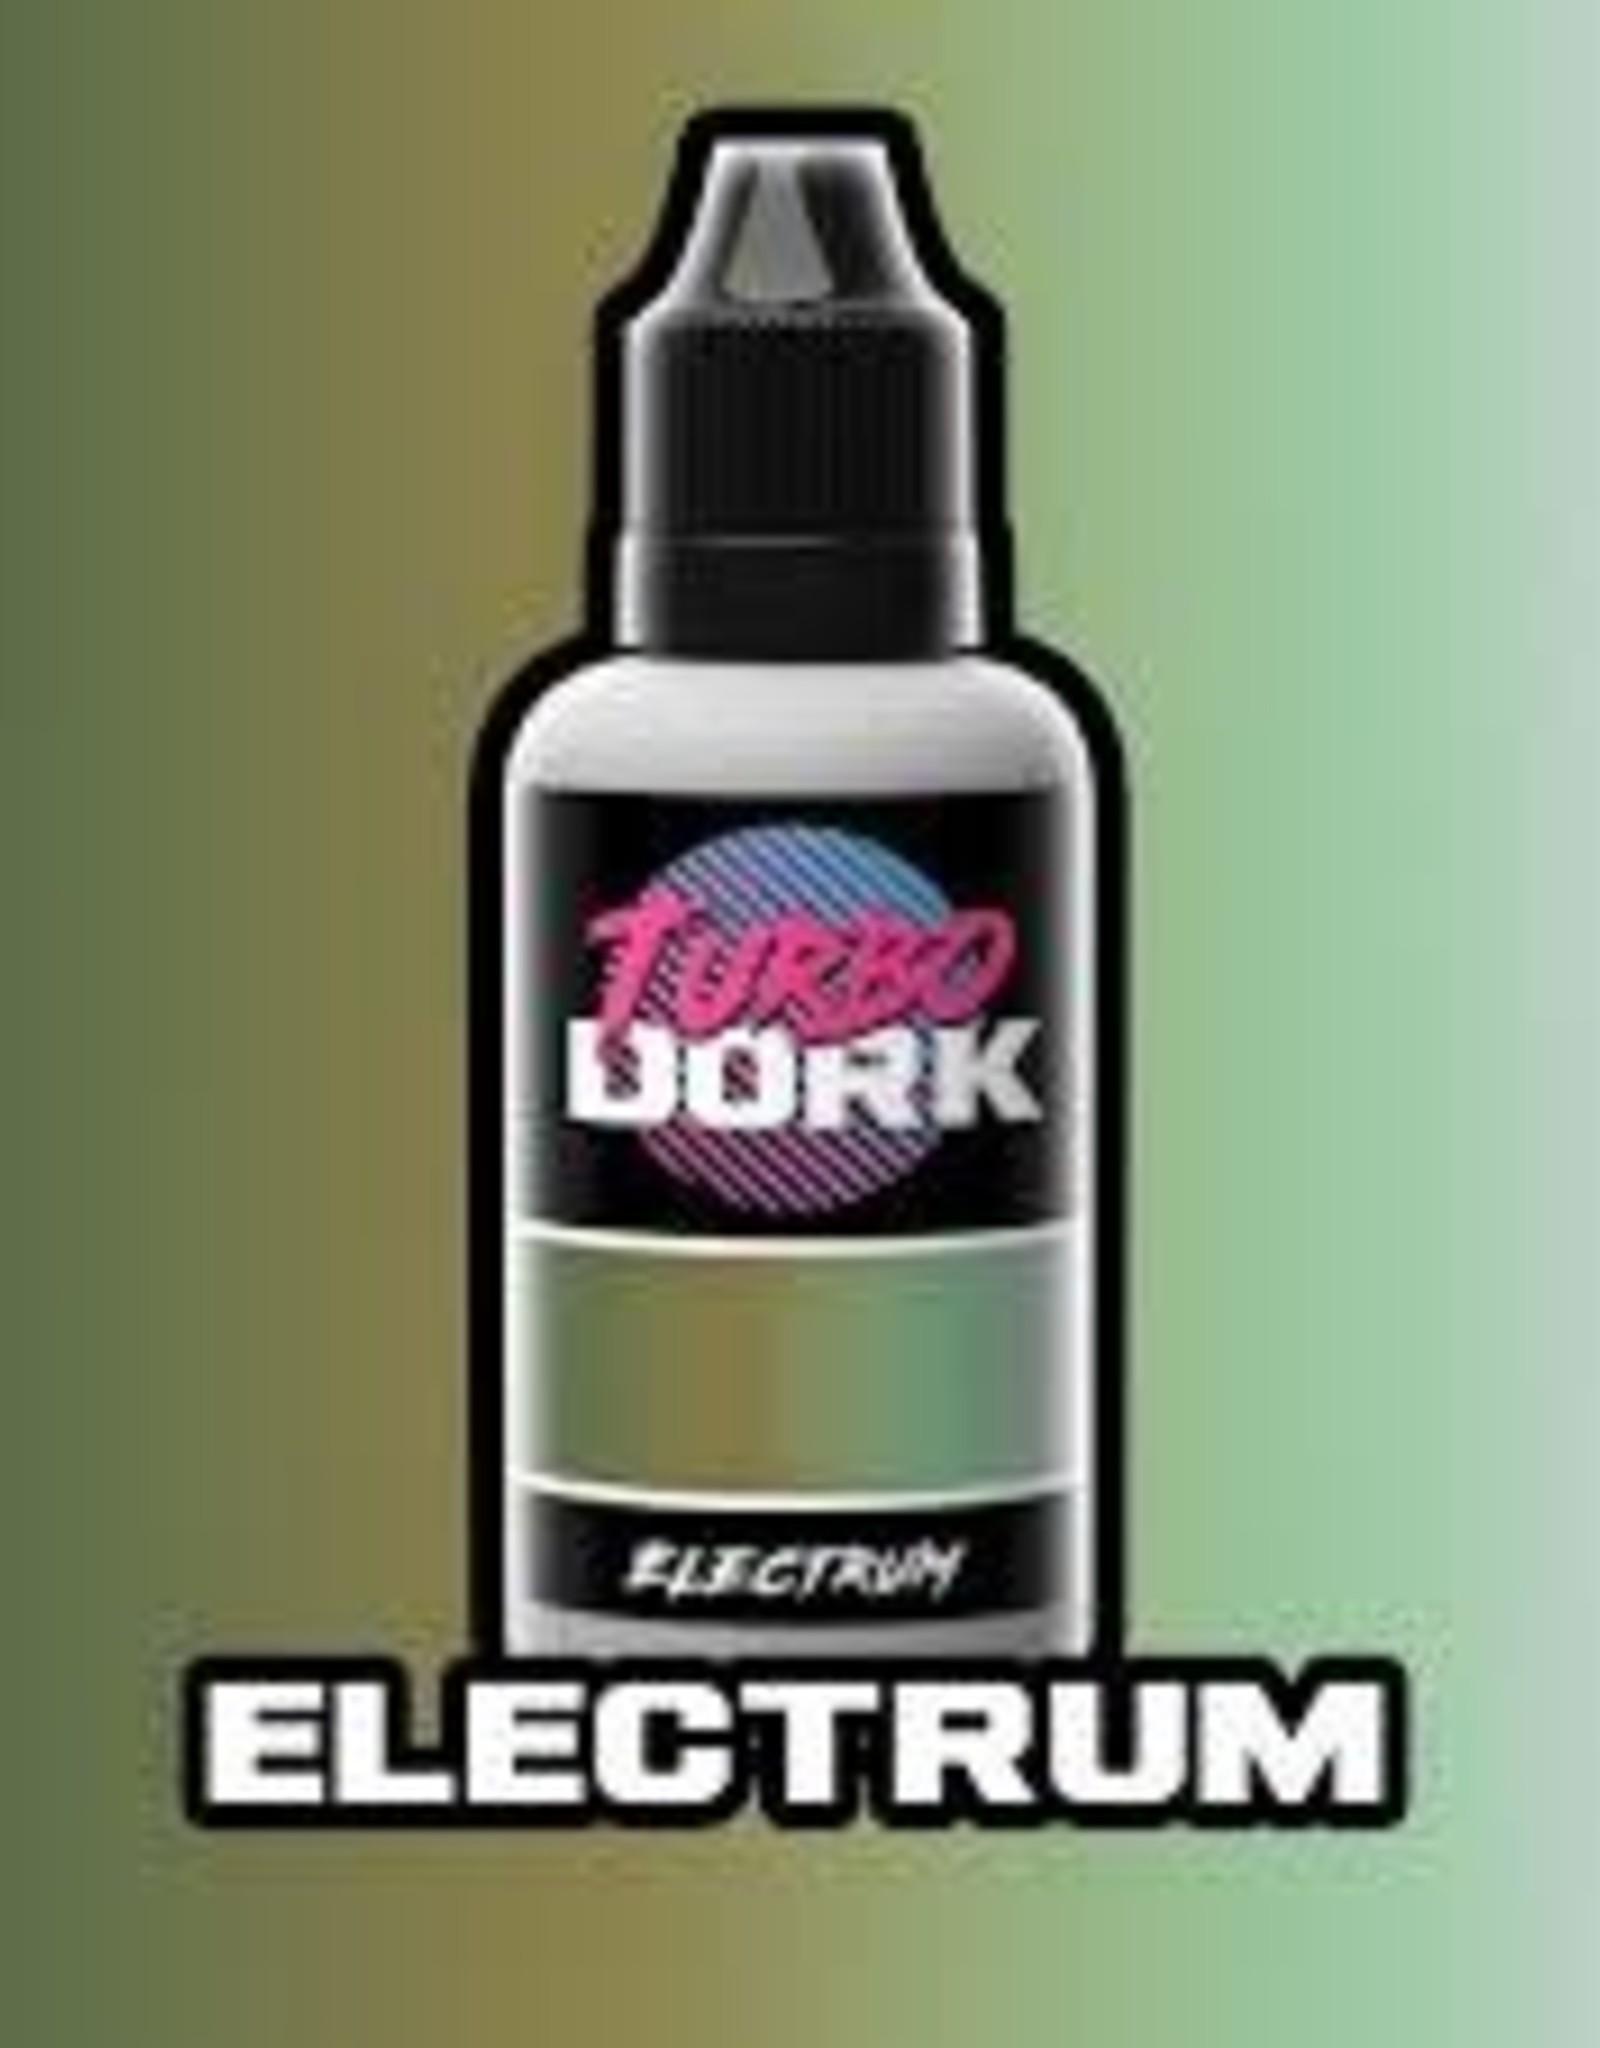 Electrum Colorshift Acrylic Paint